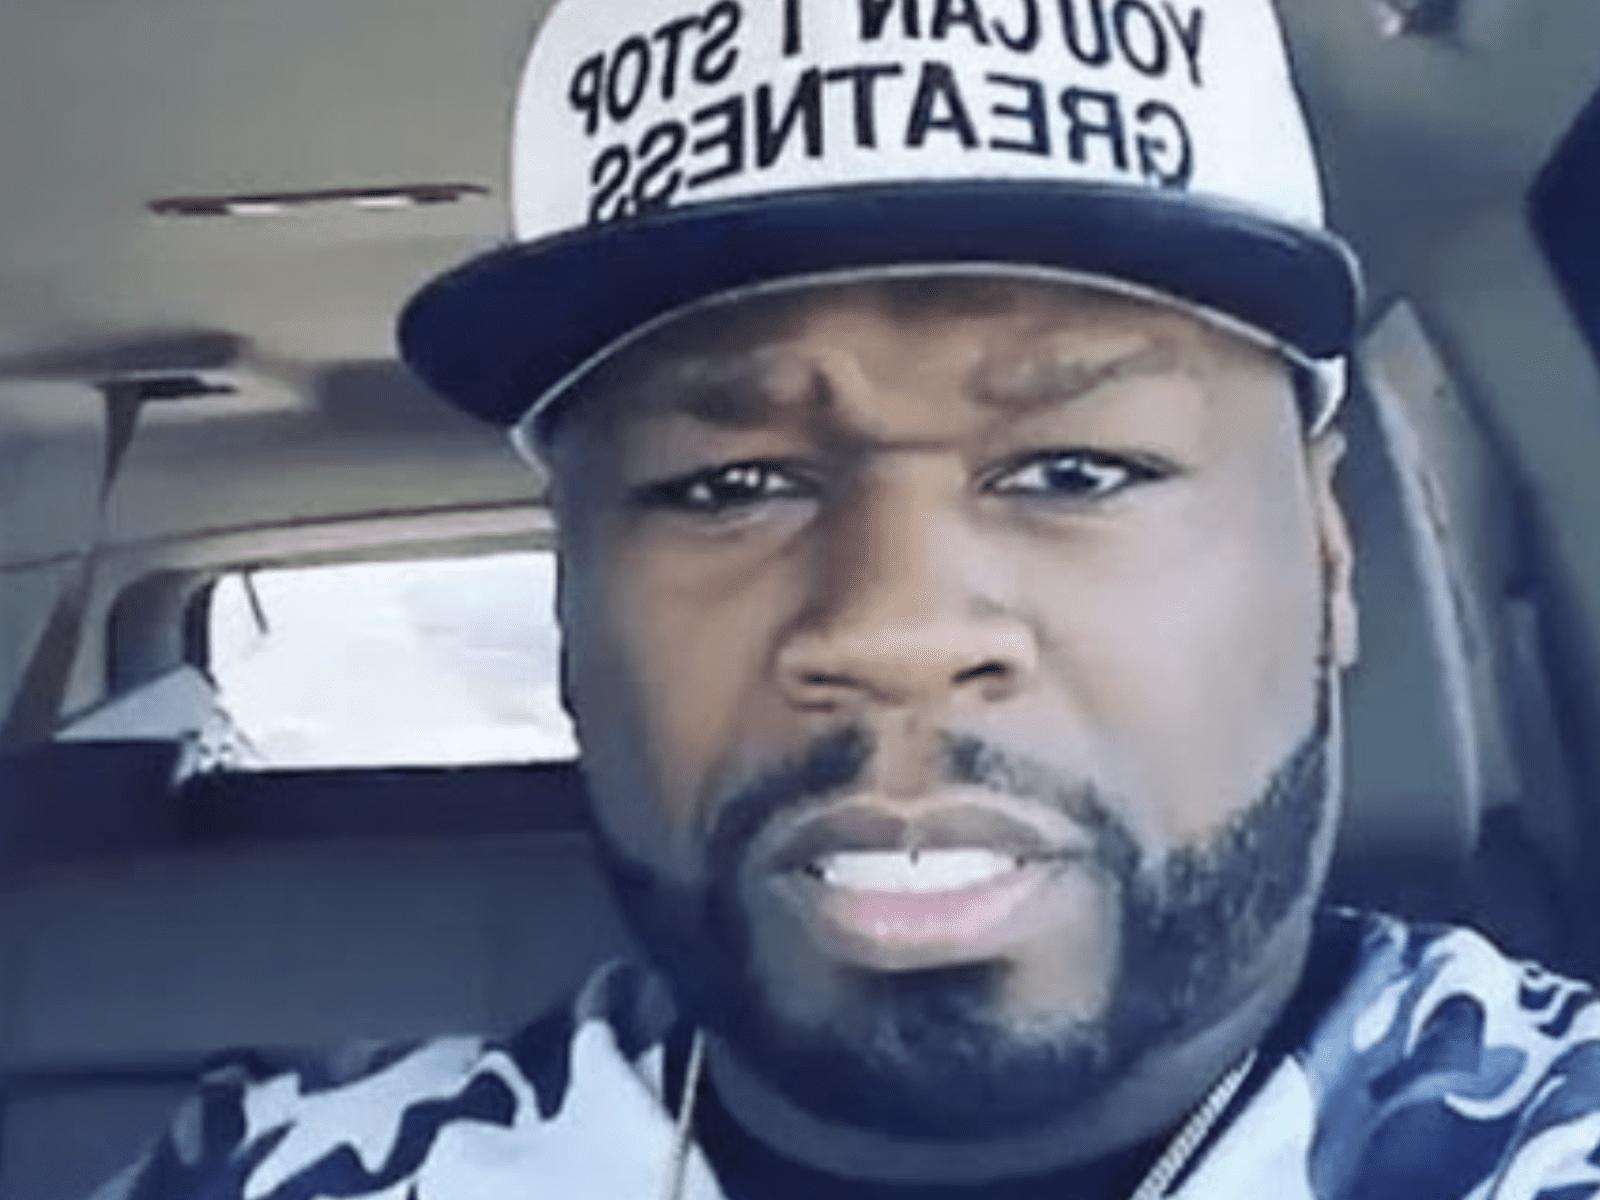 50 Cent Selfie Pic April 4